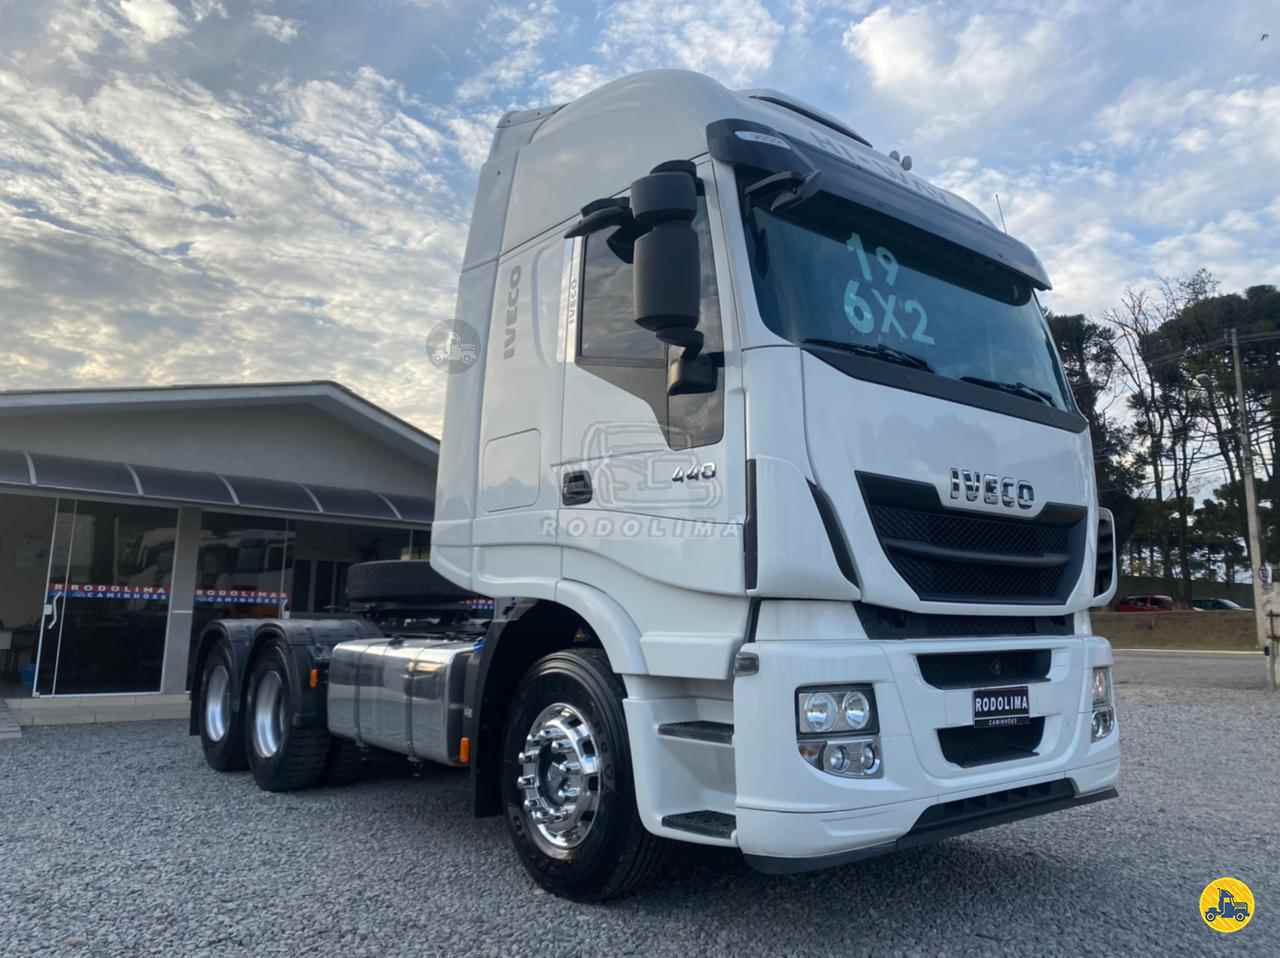 CAMINHAO IVECO STRALIS 480 Cavalo Mecânico Truck 6x2 Rodolima Caminhões CURITIBA PARANÁ PR